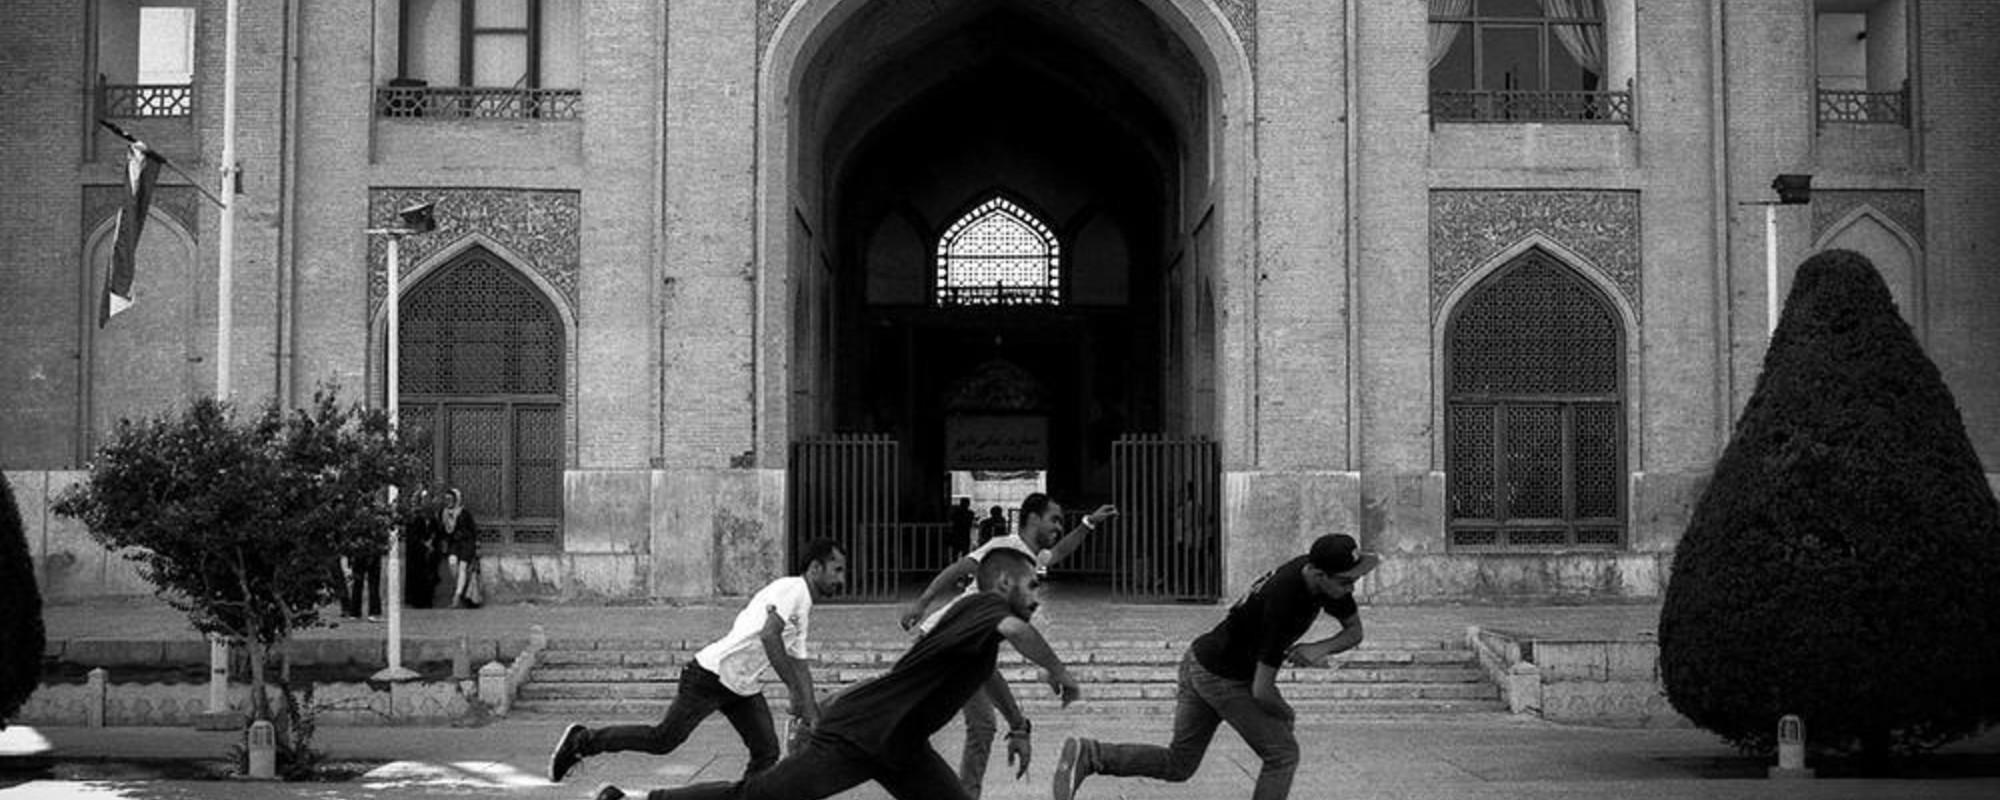 Fotky vzkvétající íránské skateové scény